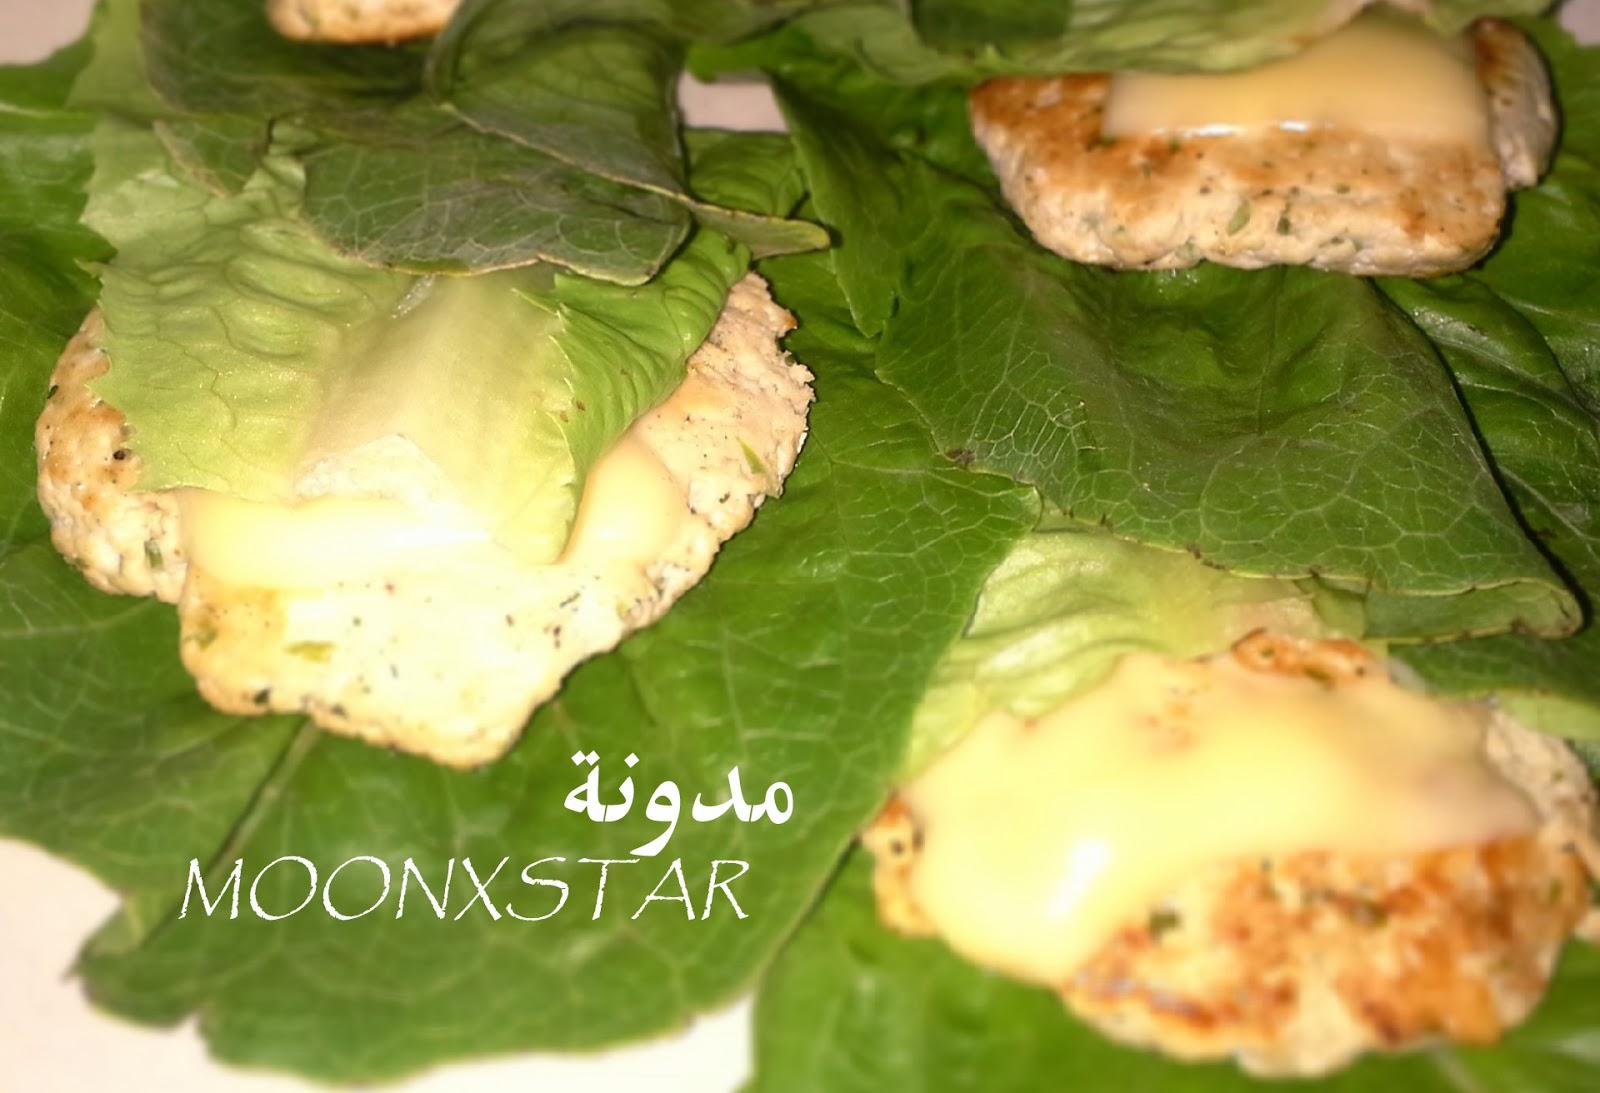 طريقة برقر الدجاج المنزلي - برقر دجاج - همبرقر همبرجر - دجاج - أكلات دايت